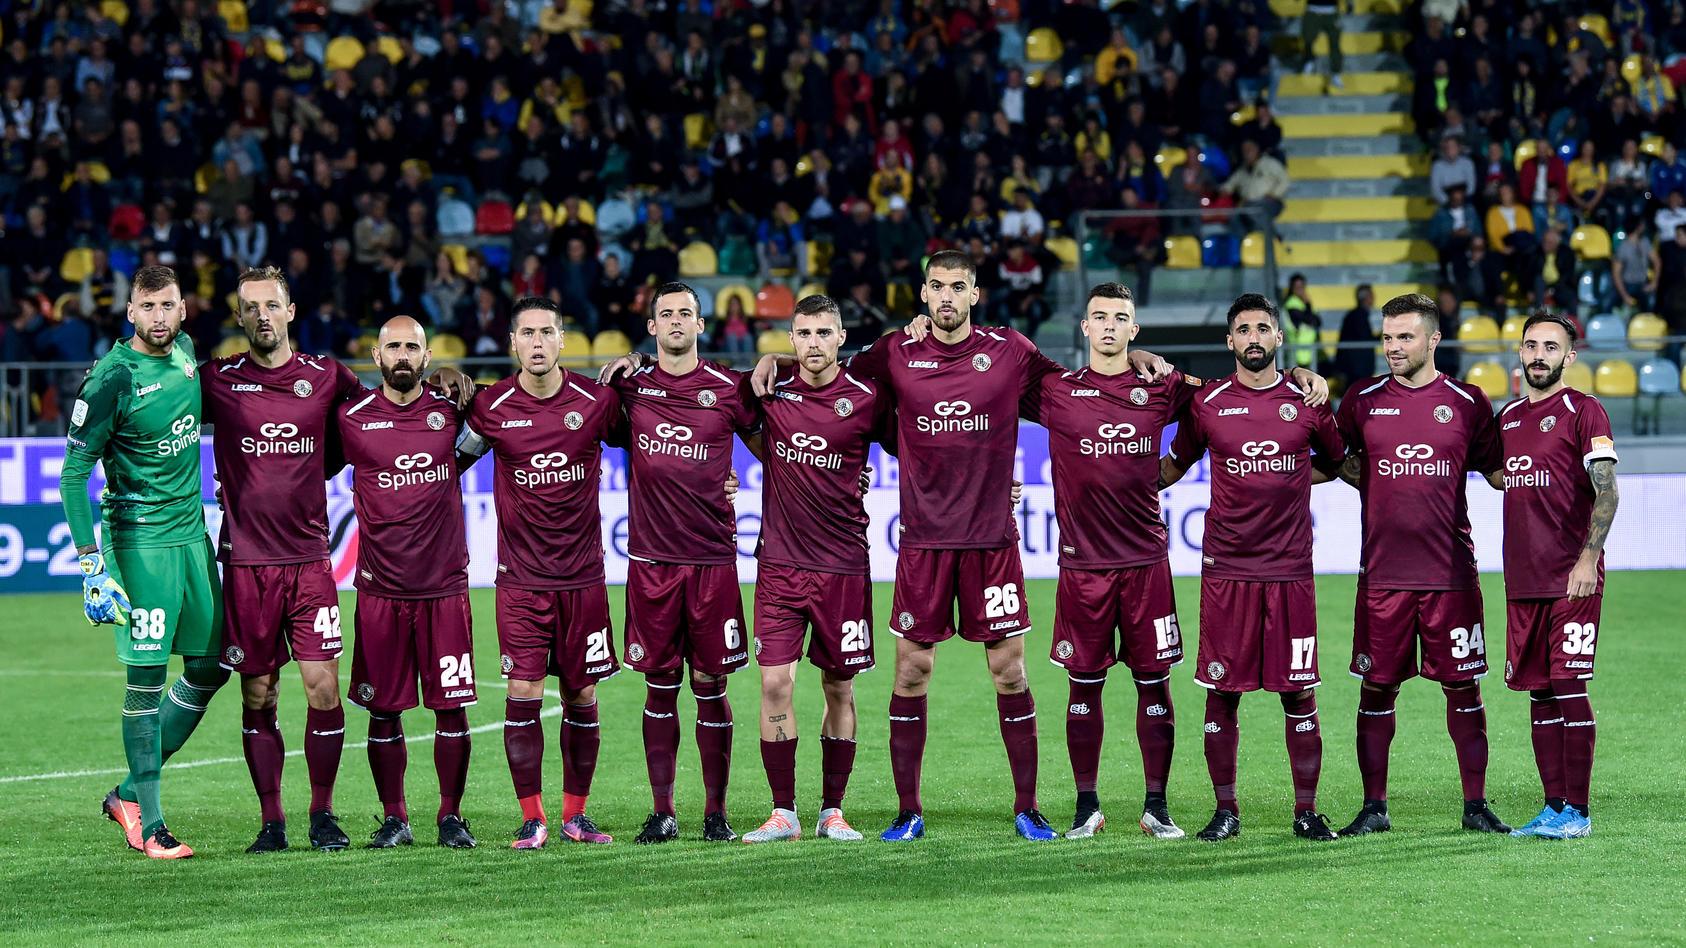 Italienischer Zweitligist AS Livorno